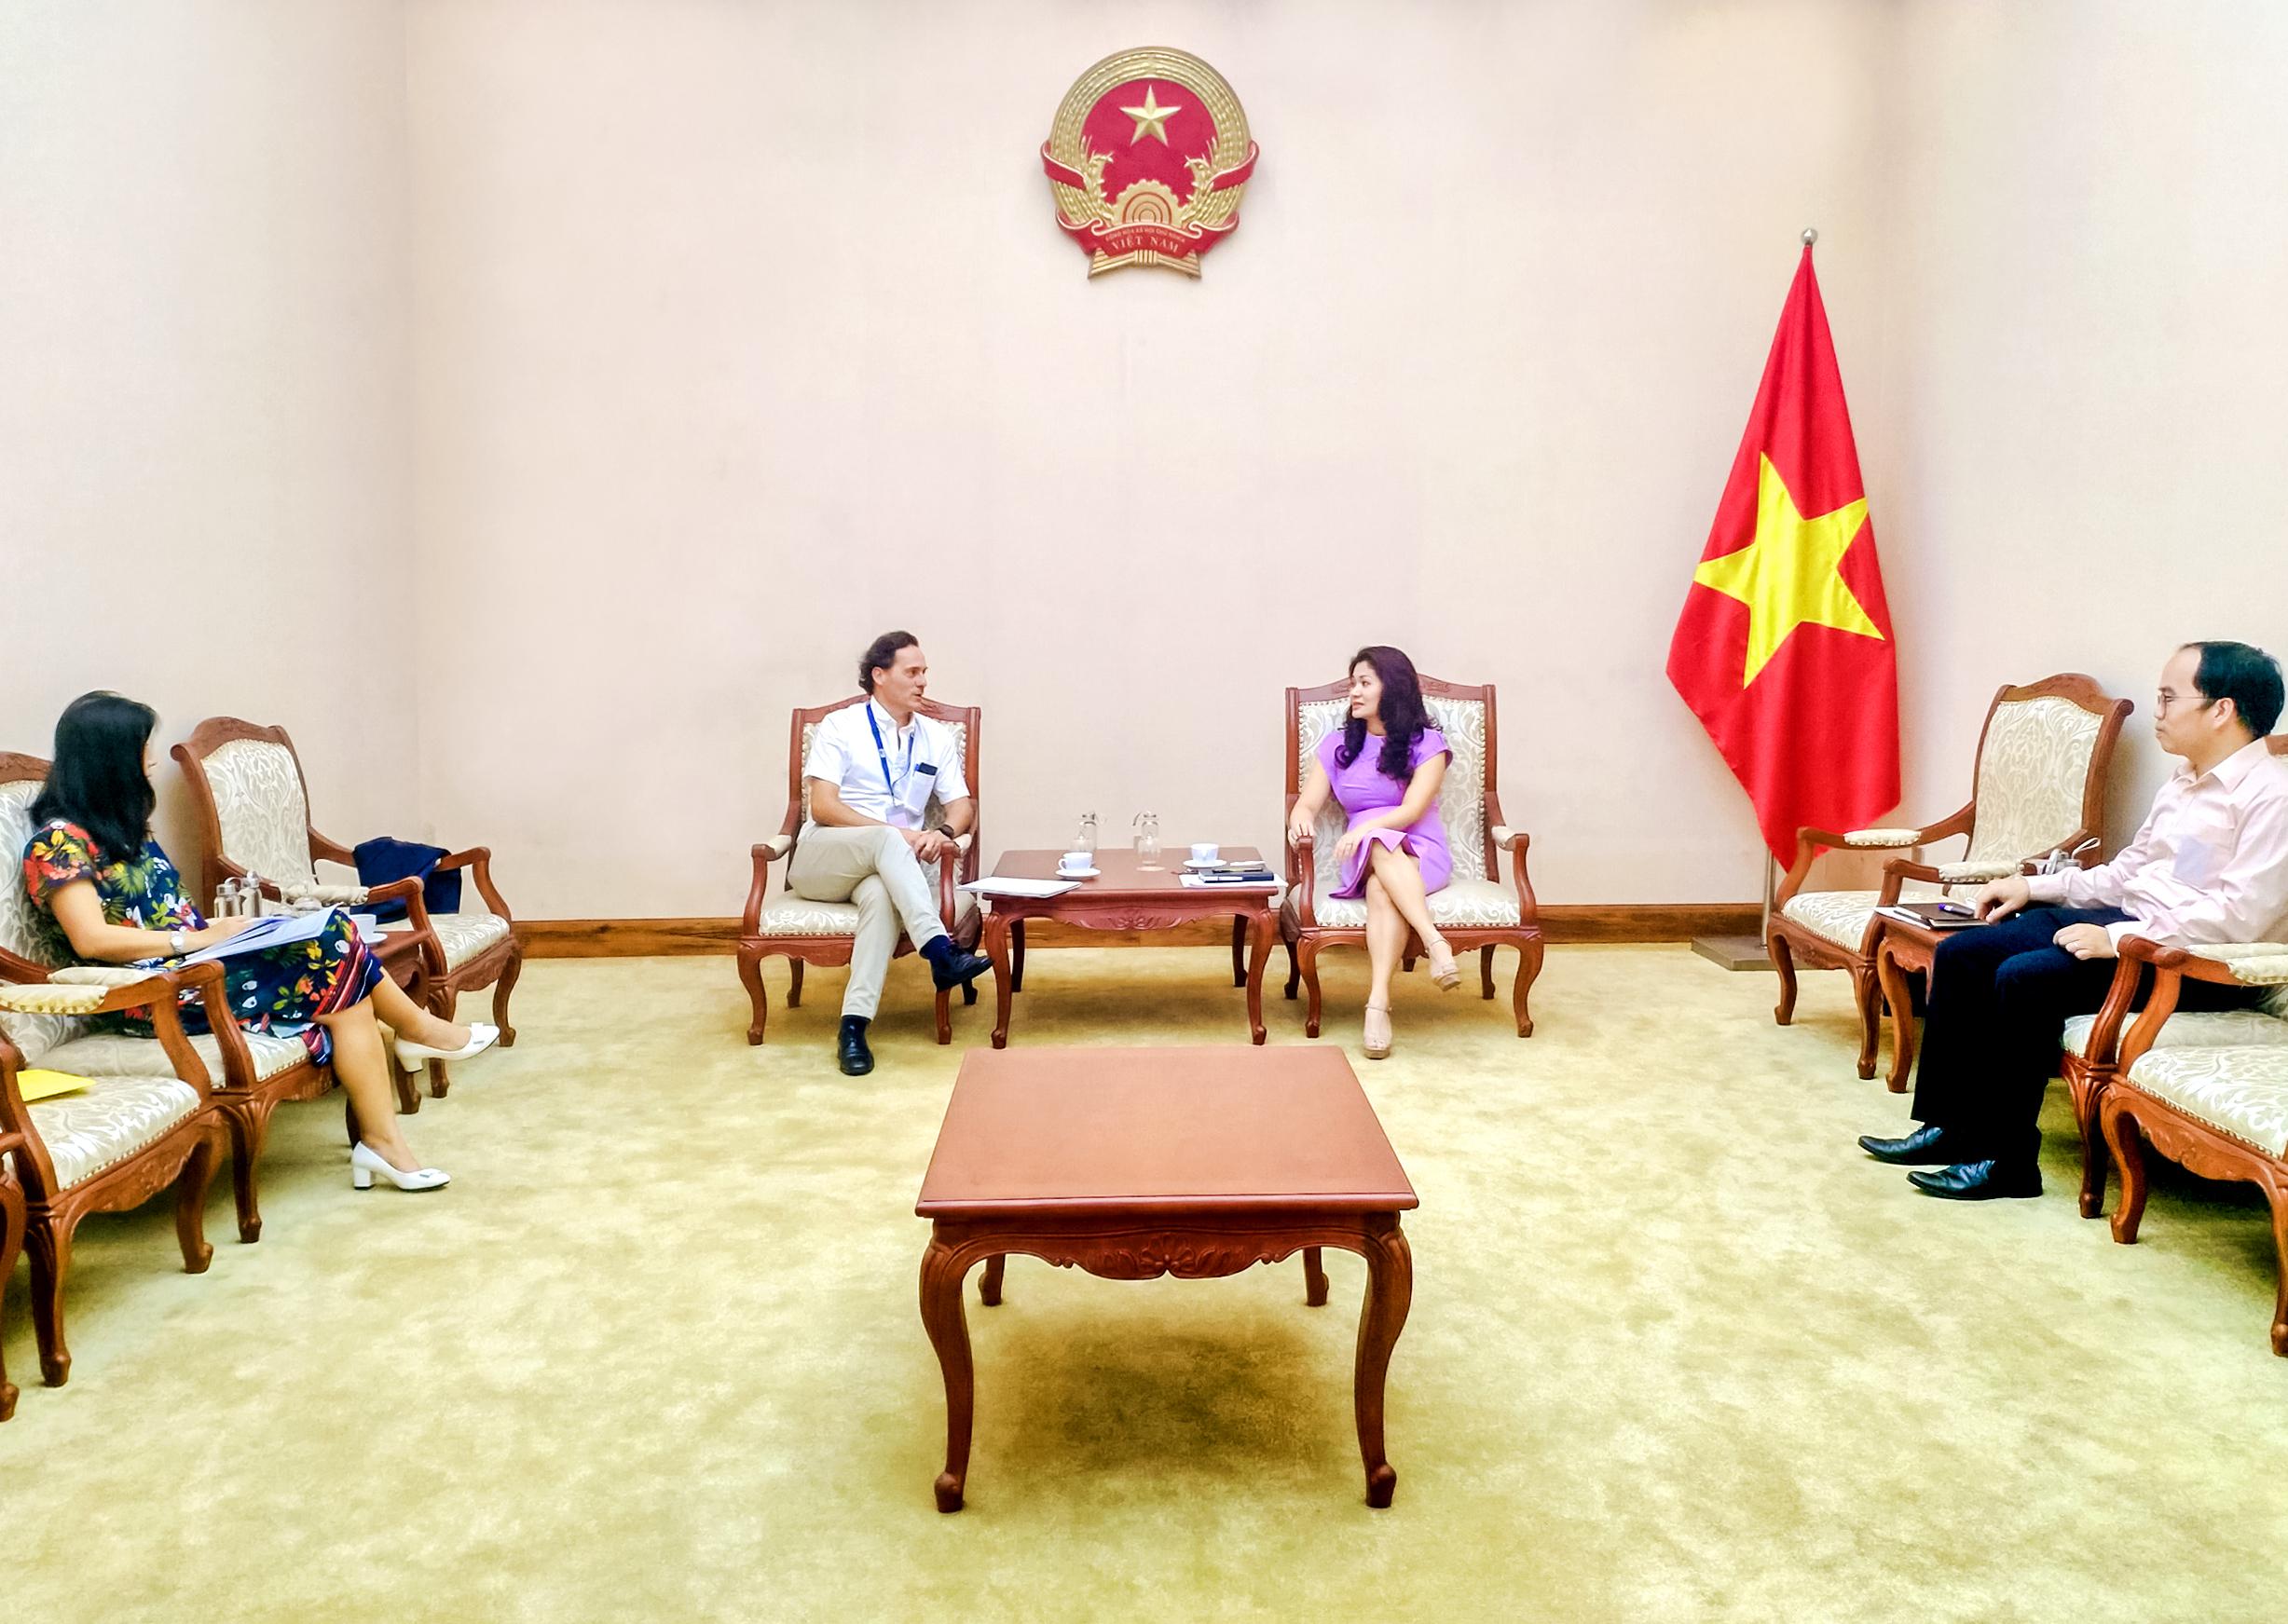 Hợp tác Việt Nam-EU về văn hóa, thể thao và du lịch hướng tới phát triển bền vững, tăng trưởng bao trùm, bình đẳng giới, bảo vệ môi trưởng - Ảnh 1.